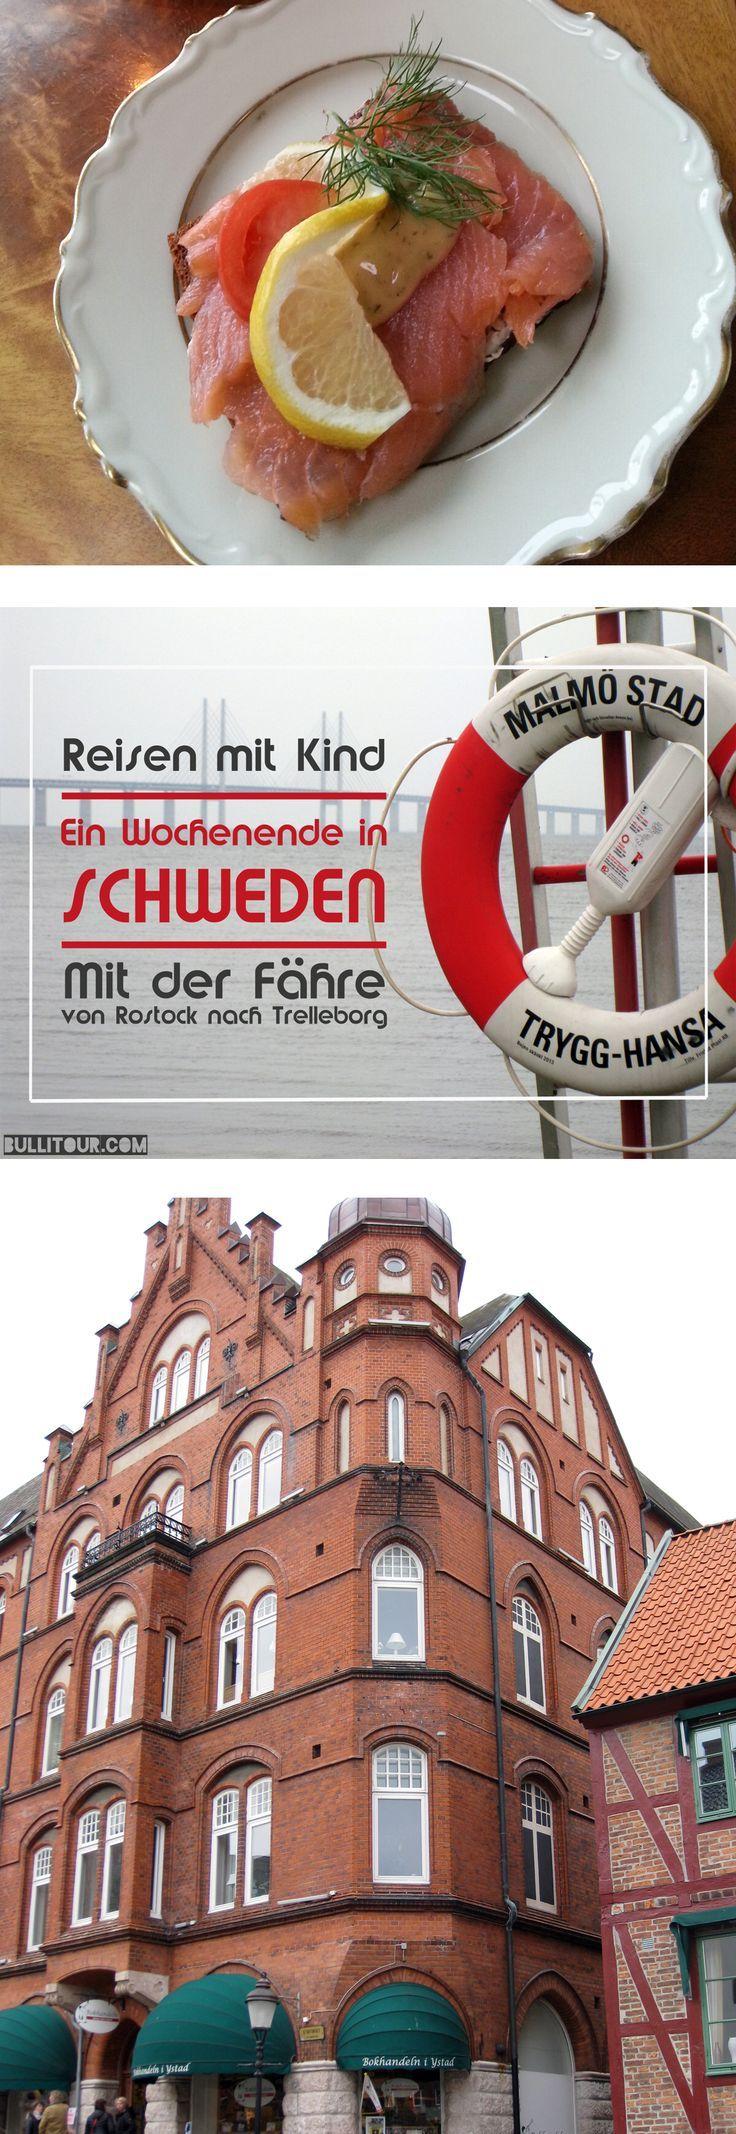 Reisebericht: Mit der Fähre von Rostock nach Trellborg. Stationen vor Ort: Lund, Ystad, Malmö Reisen mit Kind